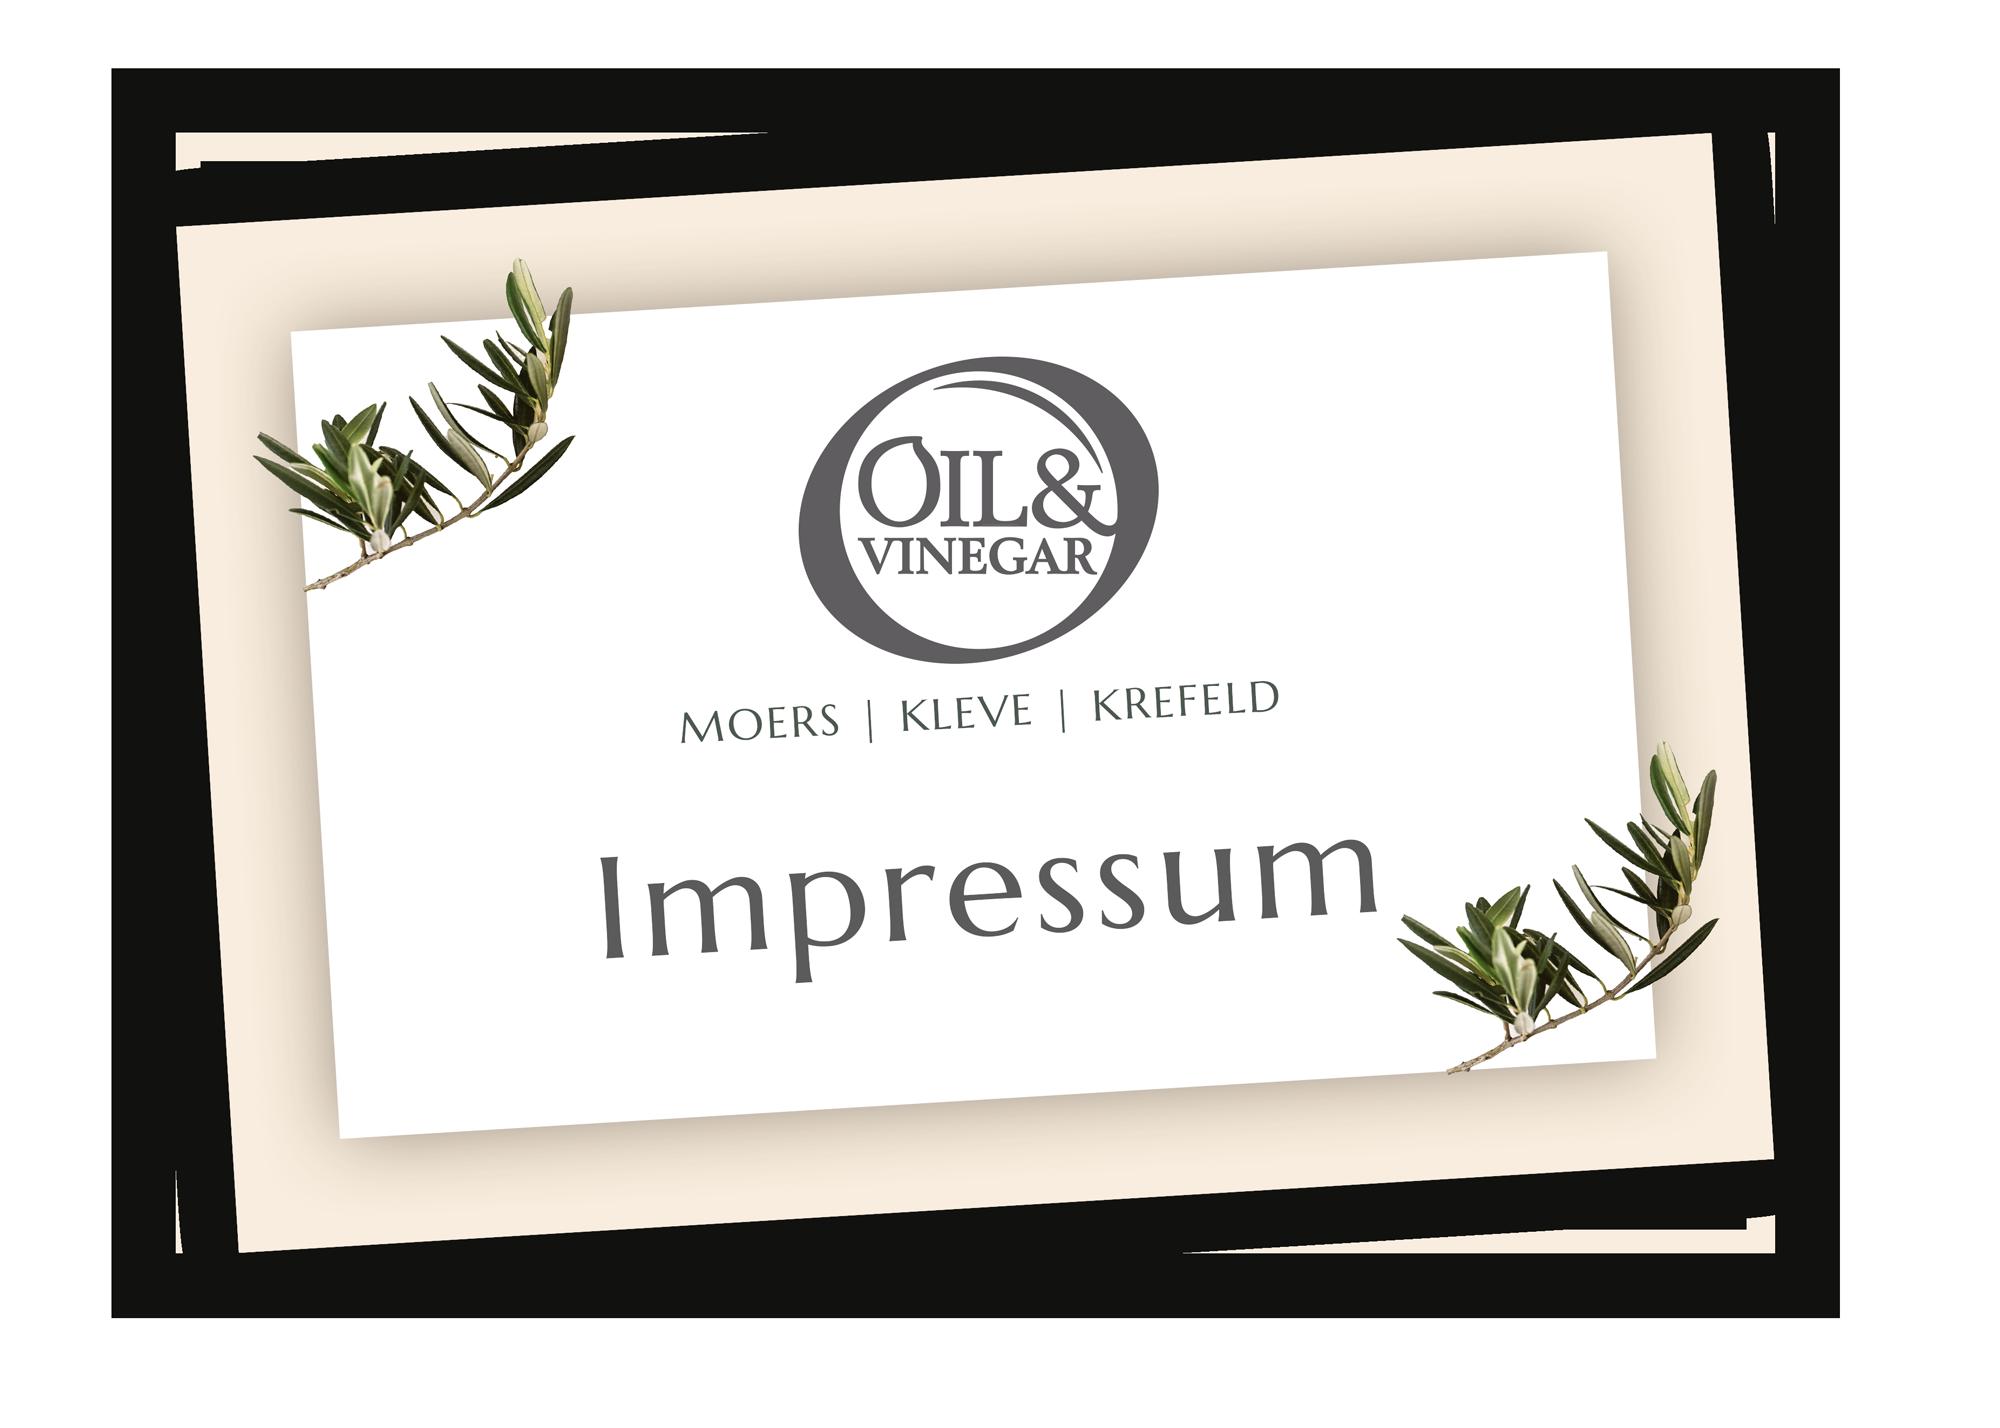 oil-and-vinegar-impressum